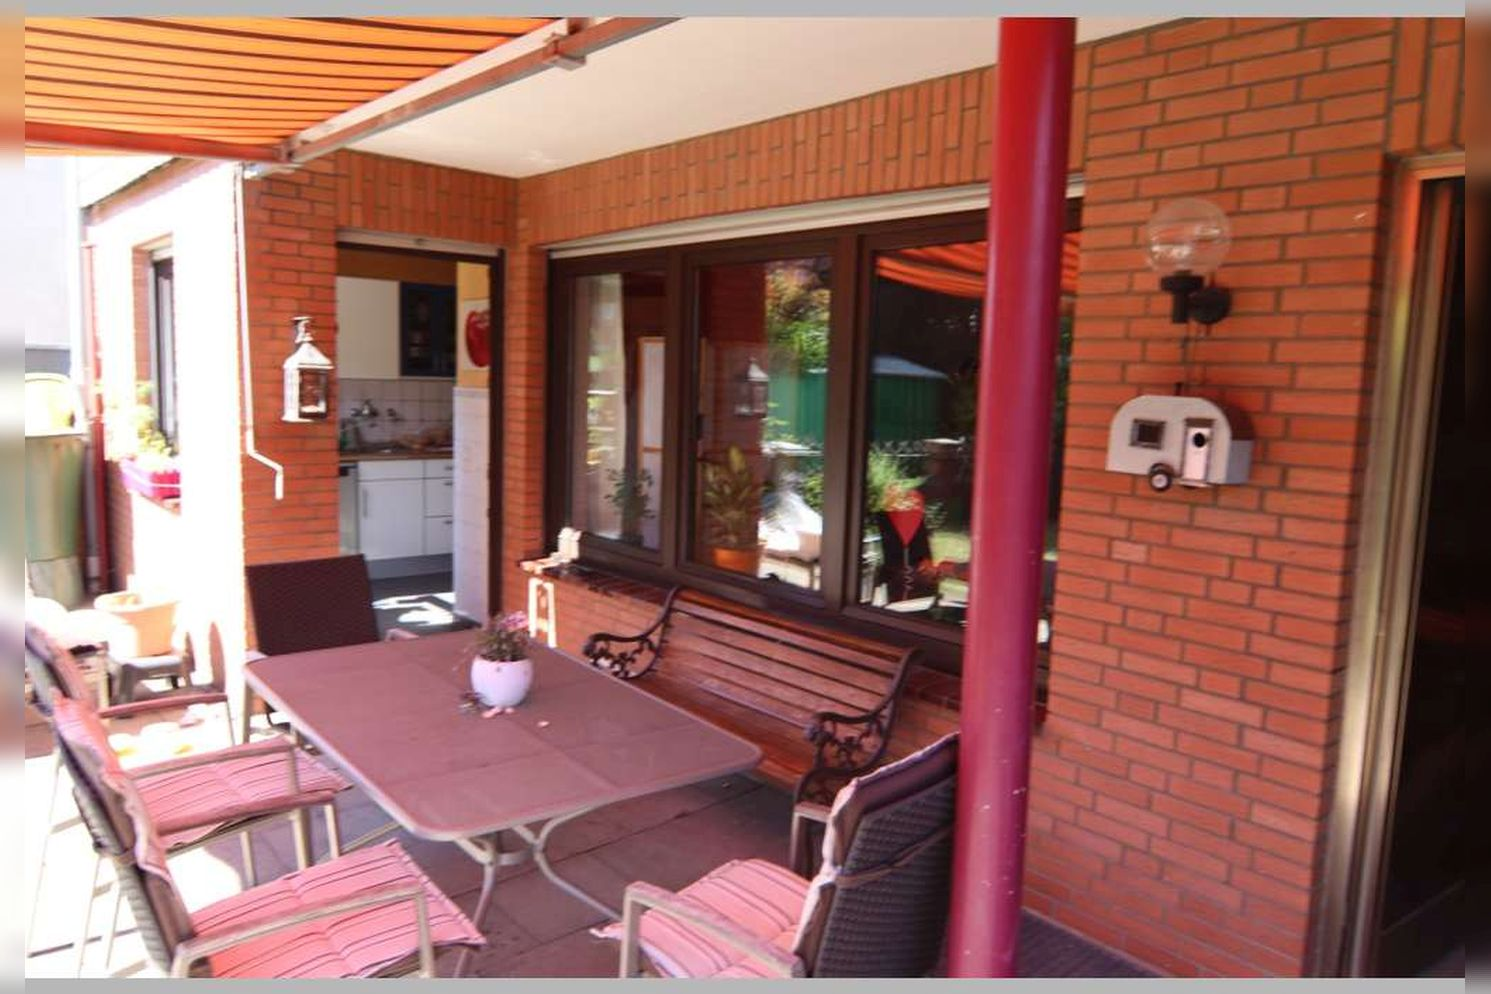 Immobilie Nr.0268 - Reihenmittelhaus mit 4 Zimmern, Küche, Diele, Badezimmer, Gäste-WC, Garten, Garage und Stellplätzen - Bild 4.jpg